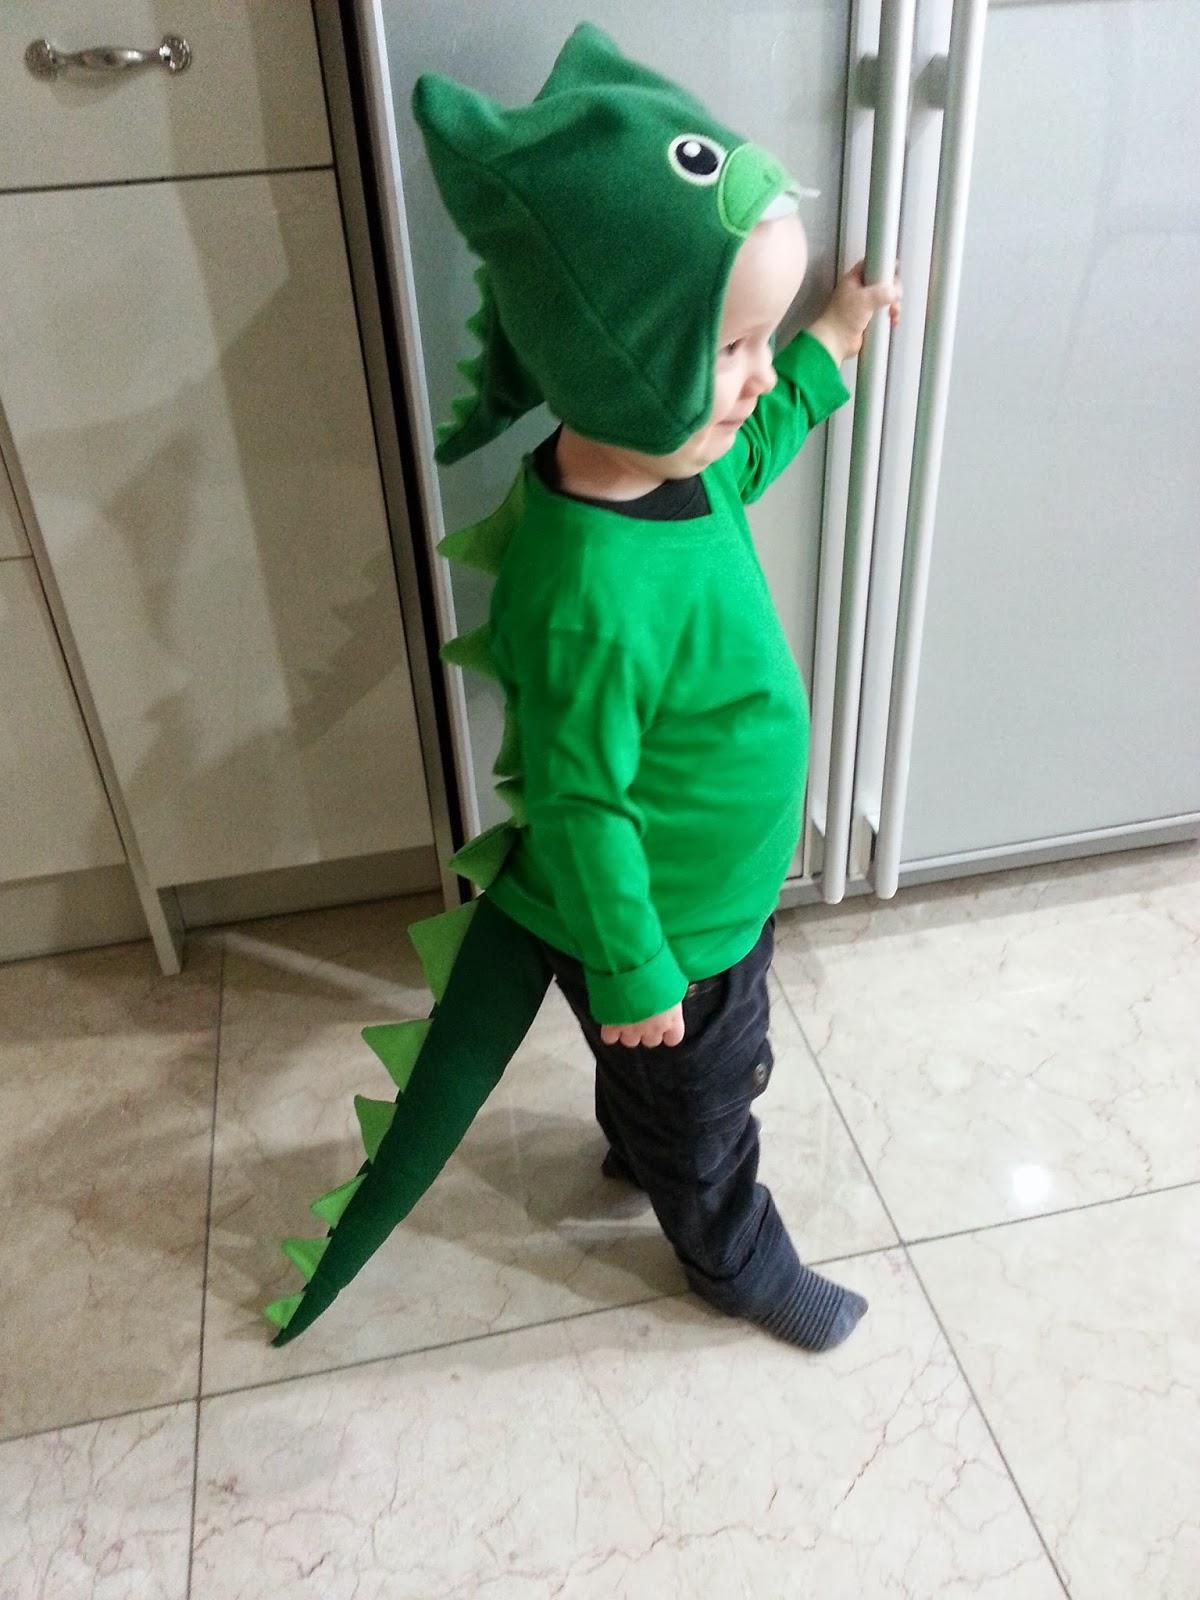 kostüme kinder selber machen